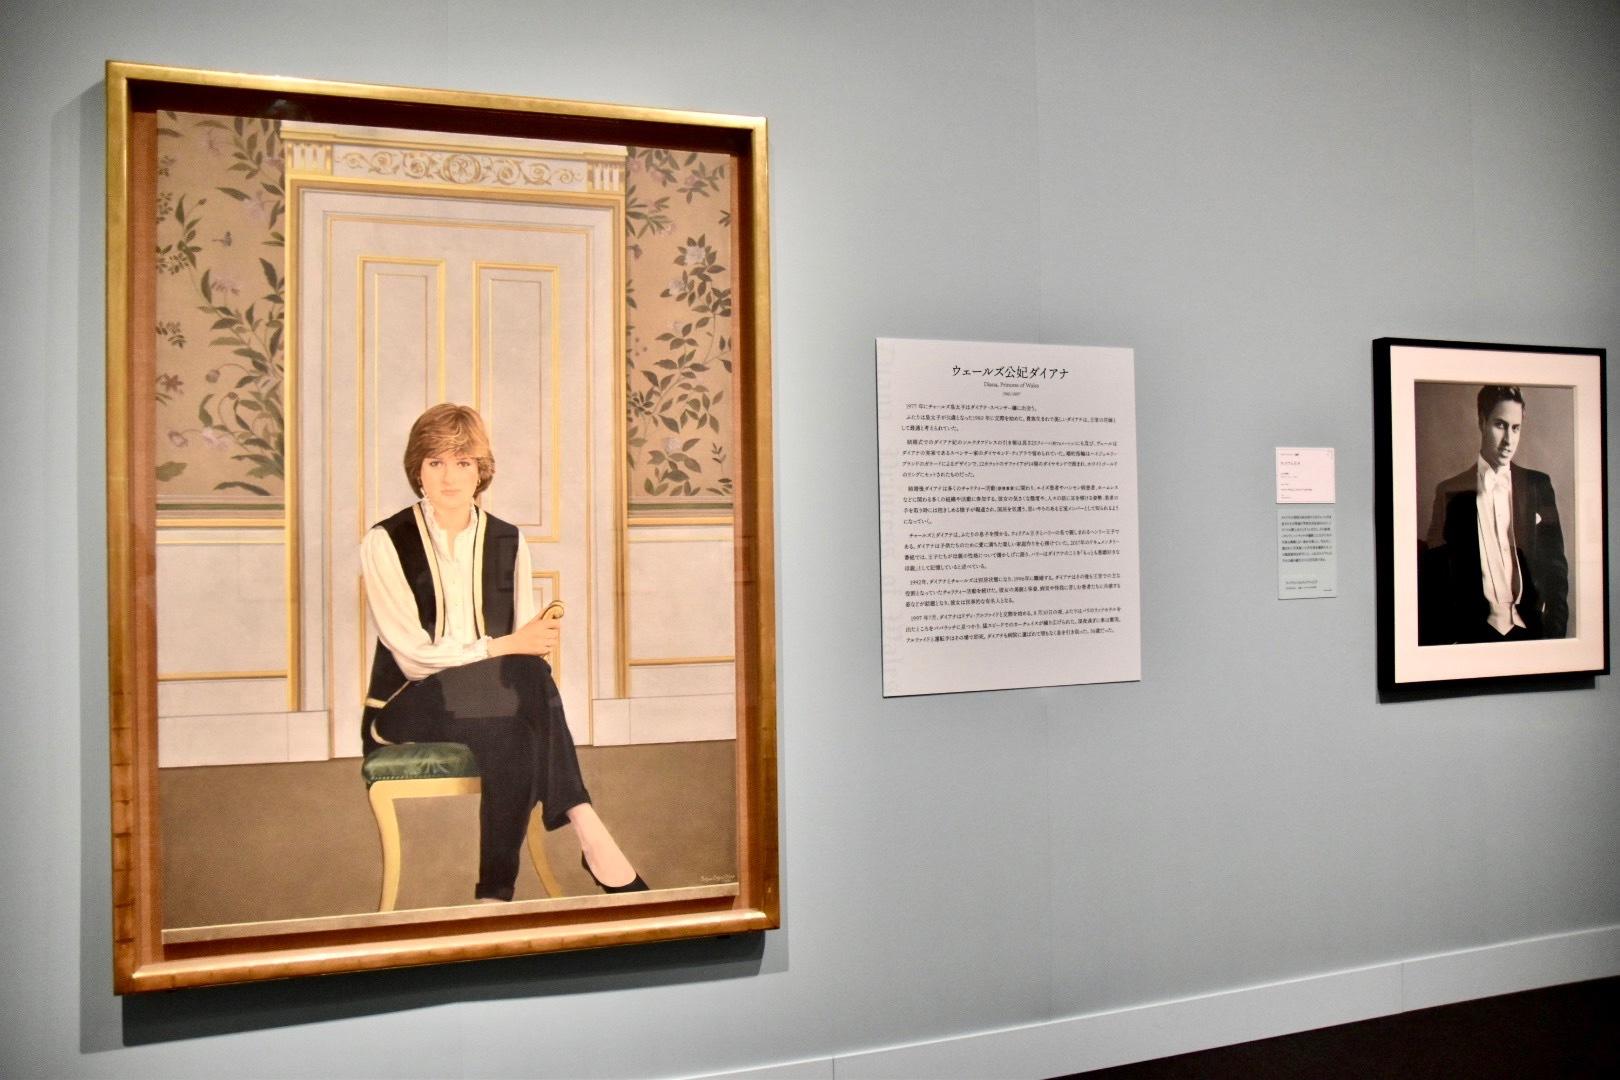 左:ブライアン・オーガン《ダイアナ妃》1981年、右奥:マリオ・テスティーノ撮影《ウィリアム王子》2003年撮影